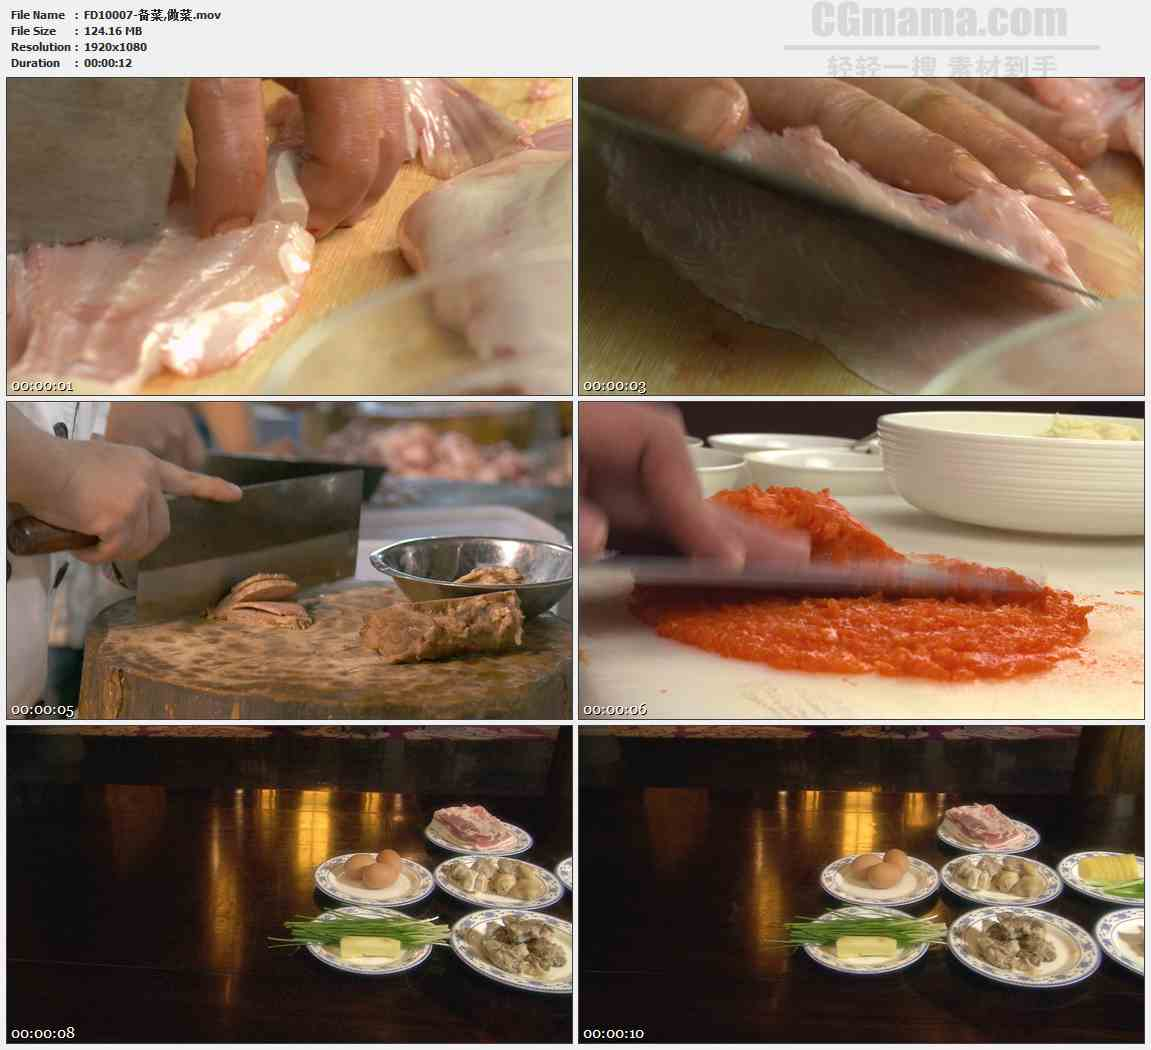 FD10007-备菜做菜切肉做肉泥高清实拍视频素材